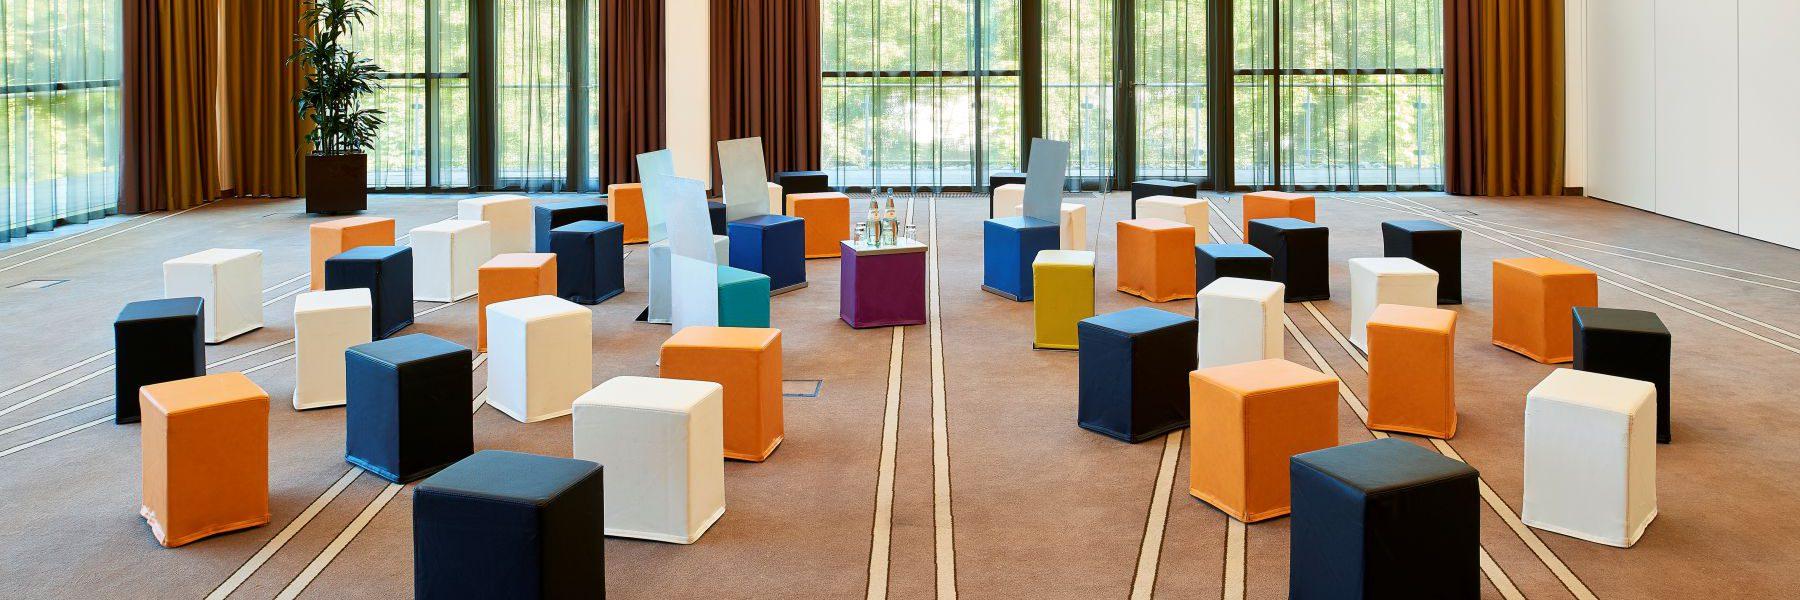 SWOOFLE Mietmöbel Europaweit Overnight - Möbel mieten für Fishbowl Bestuhlung